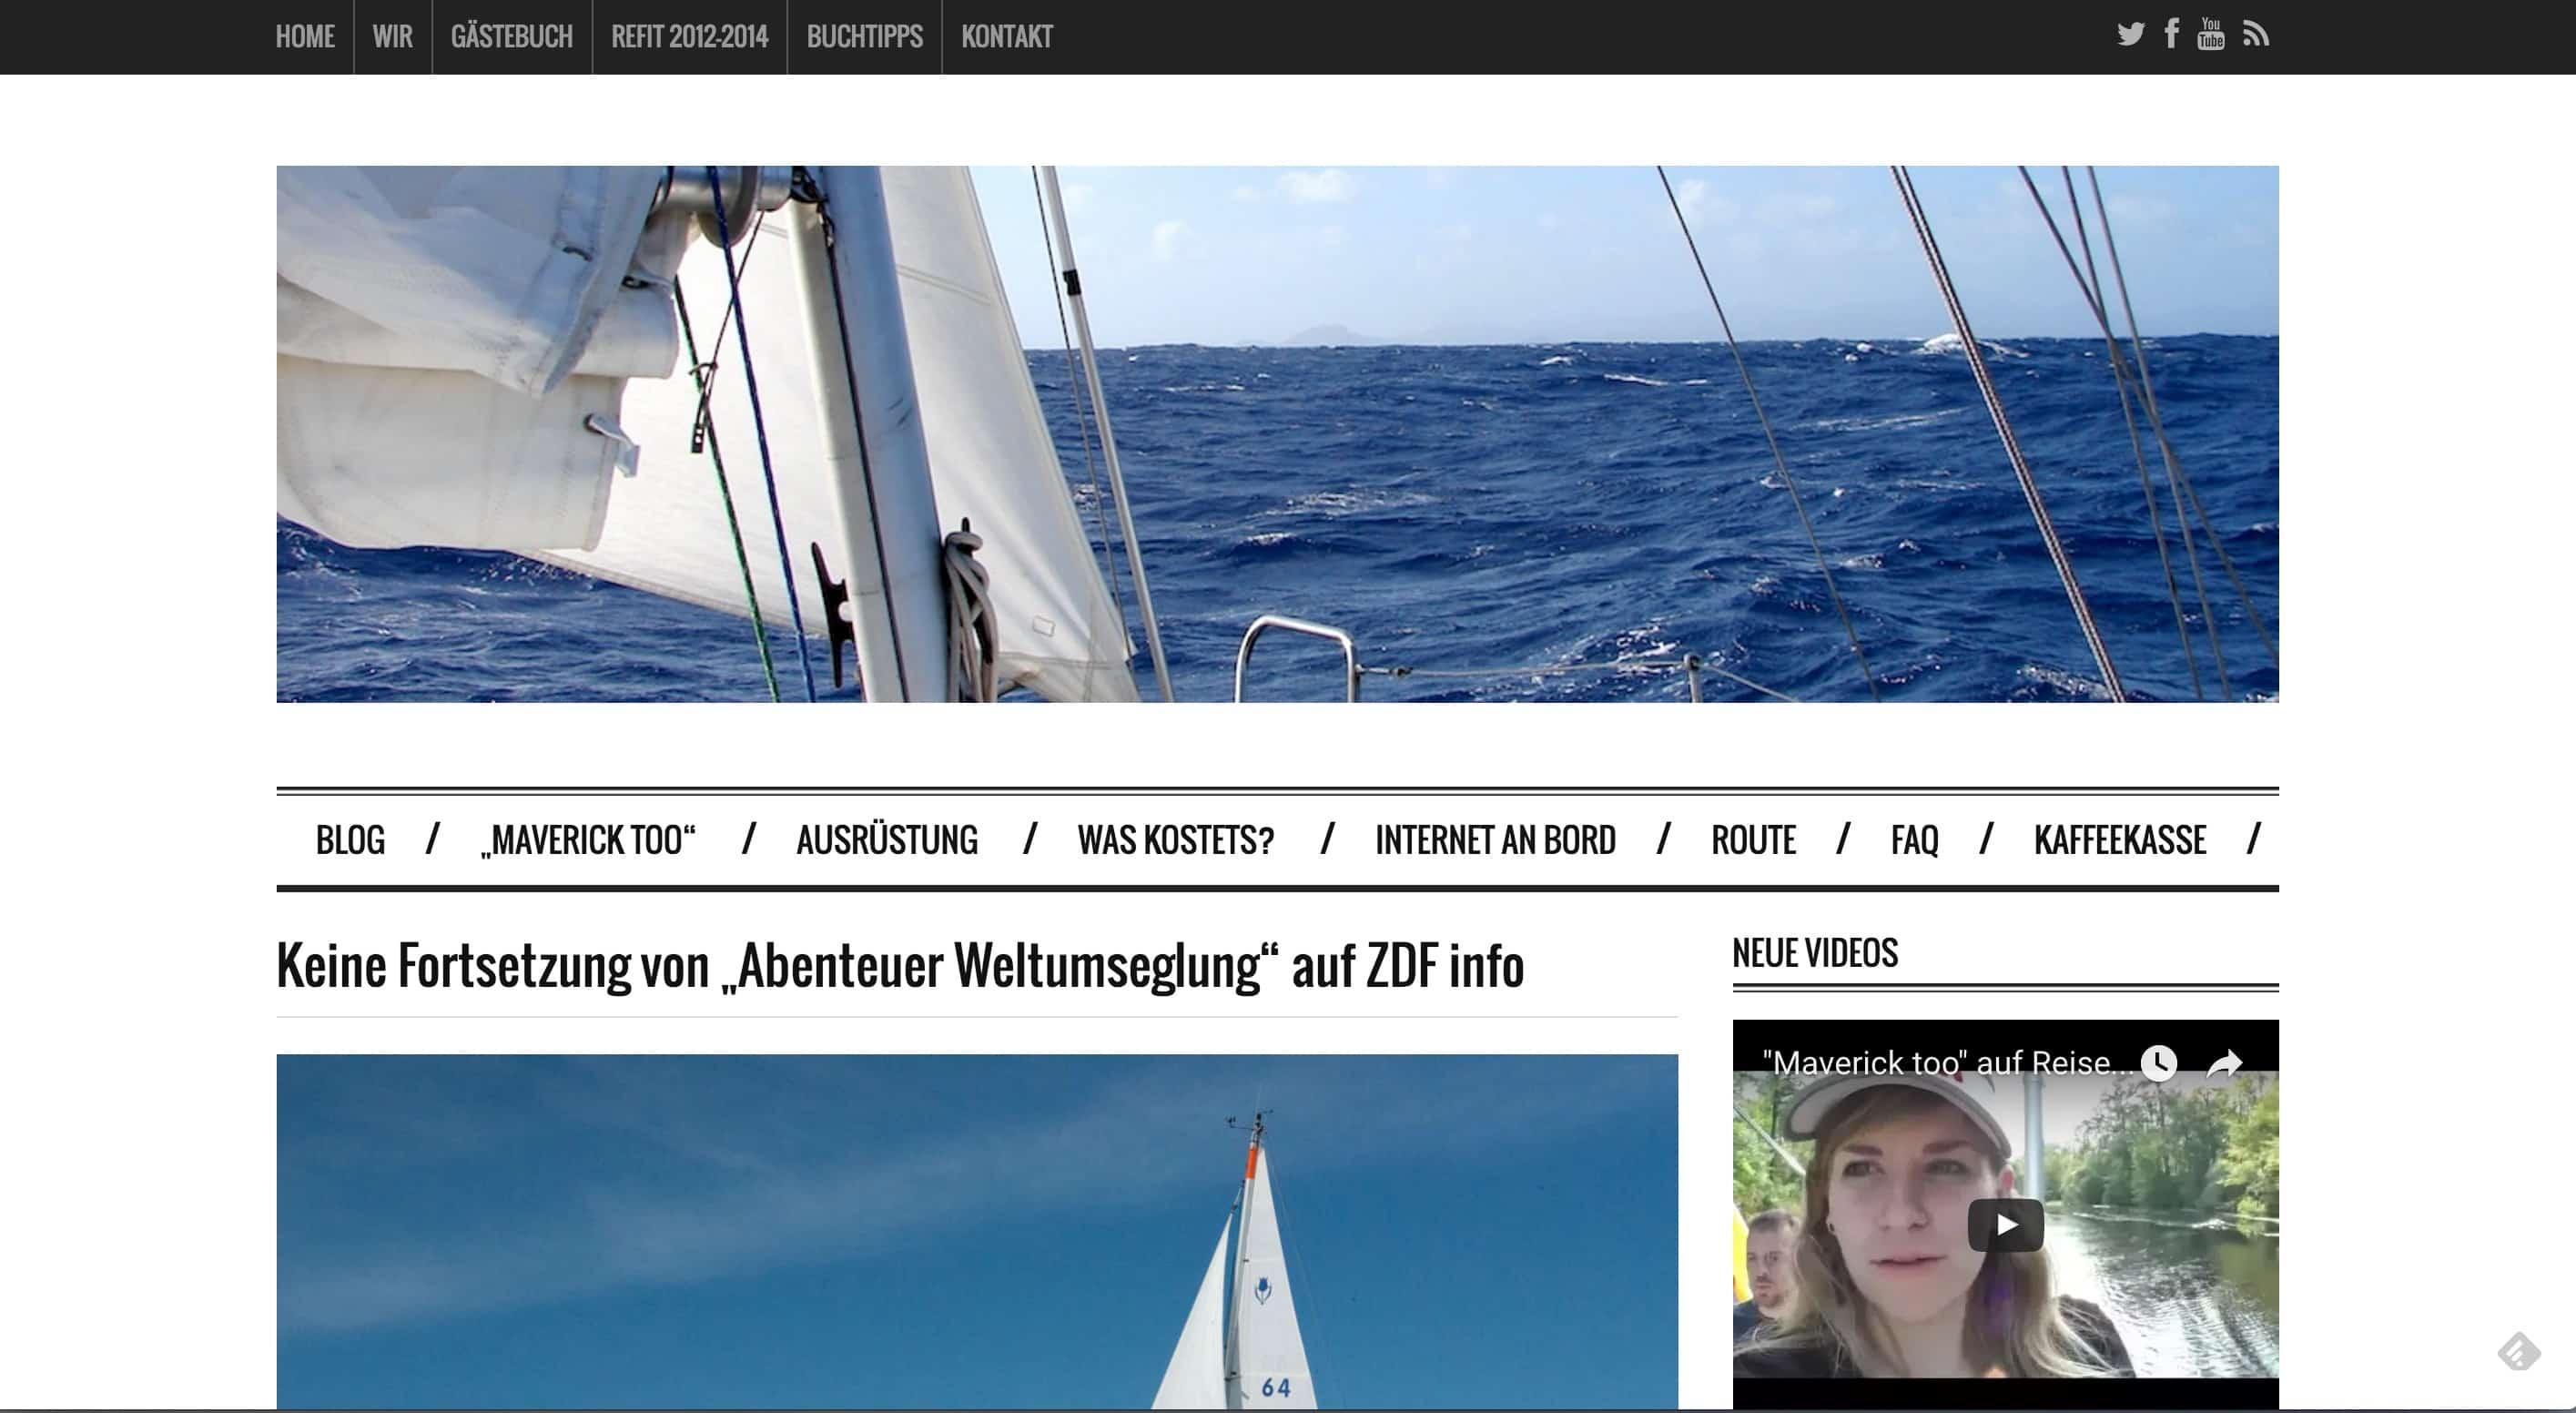 """johannes-erdmann.com - Leider keine Fortsetzung von """"Abenteuer Weltumsegelung"""""""